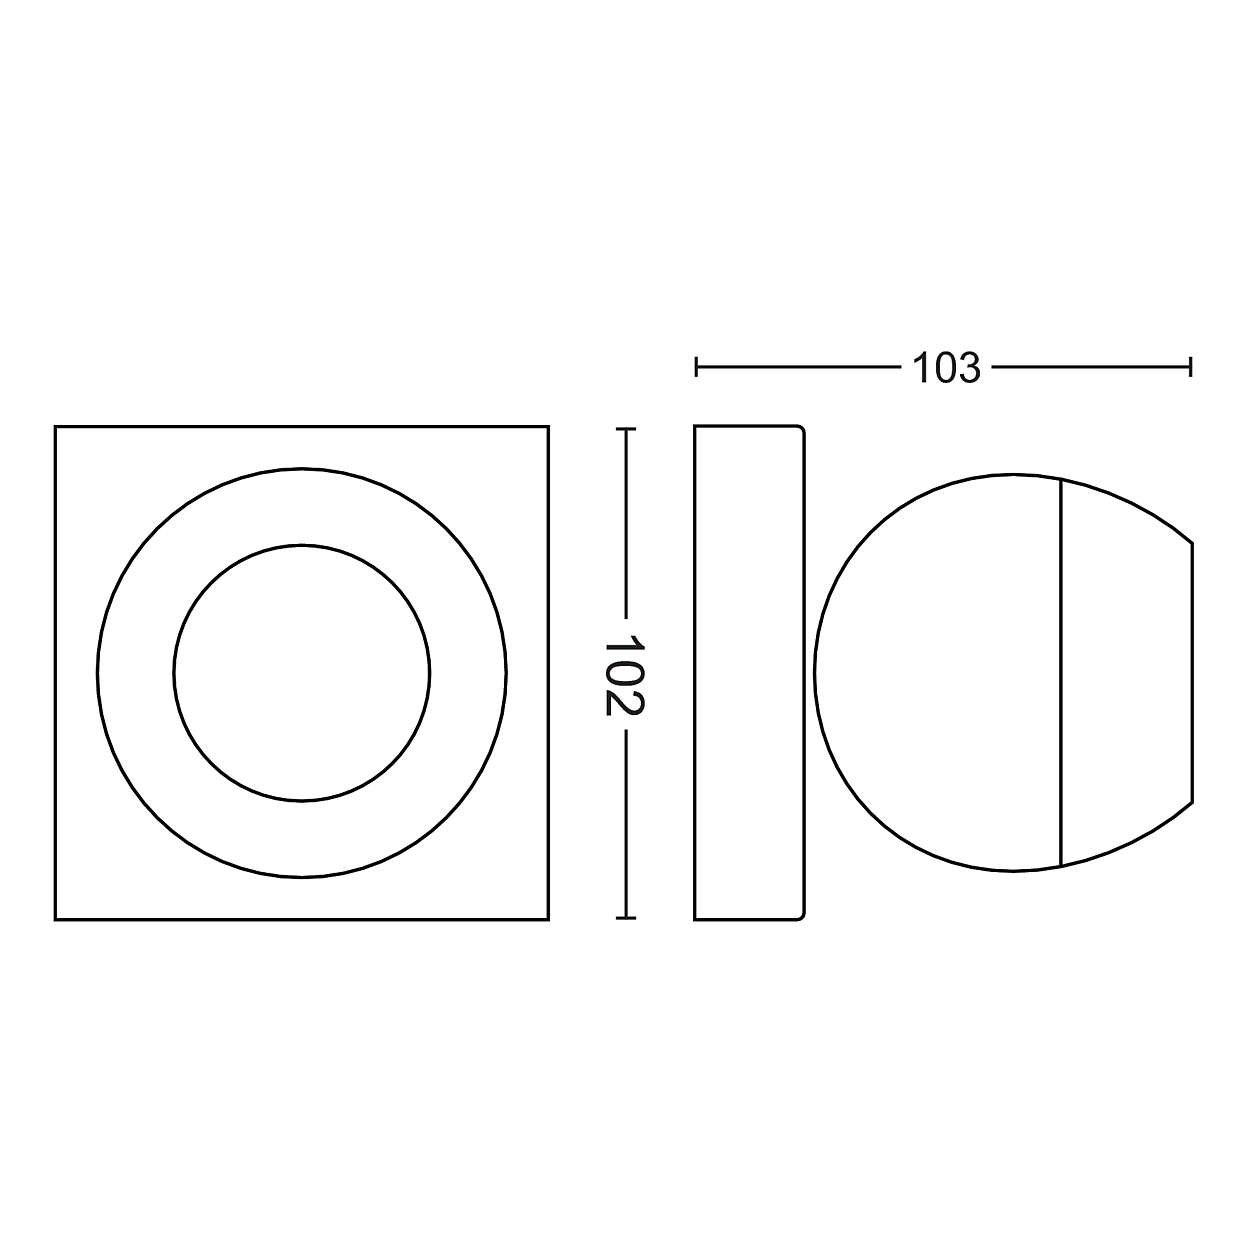 Philips Hue Weiß Ambiance Ambiance Ambiance Buckram Deckenleuchte 1-er Spot, inkl. Dimmschalter, weiß   LED-Wohnzimmerlampe mit Fernbedienung   Kompatibel mit AMAZON ECHO ALEXA und APPLE HOMEKIT   App-Steuerung fa7634